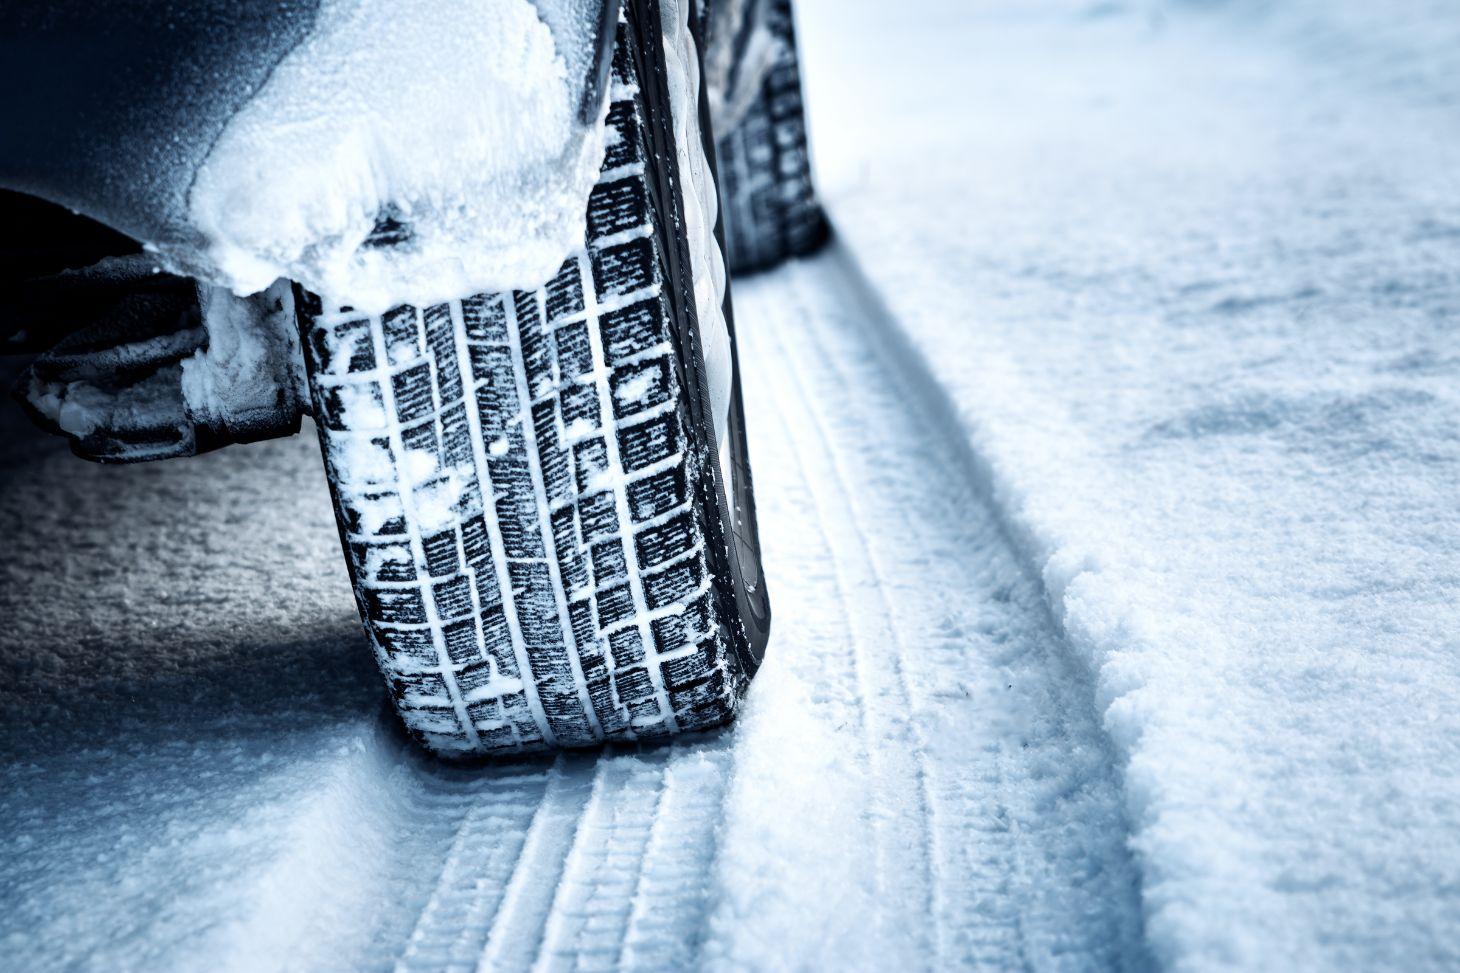 pneu de carro rodando na neve